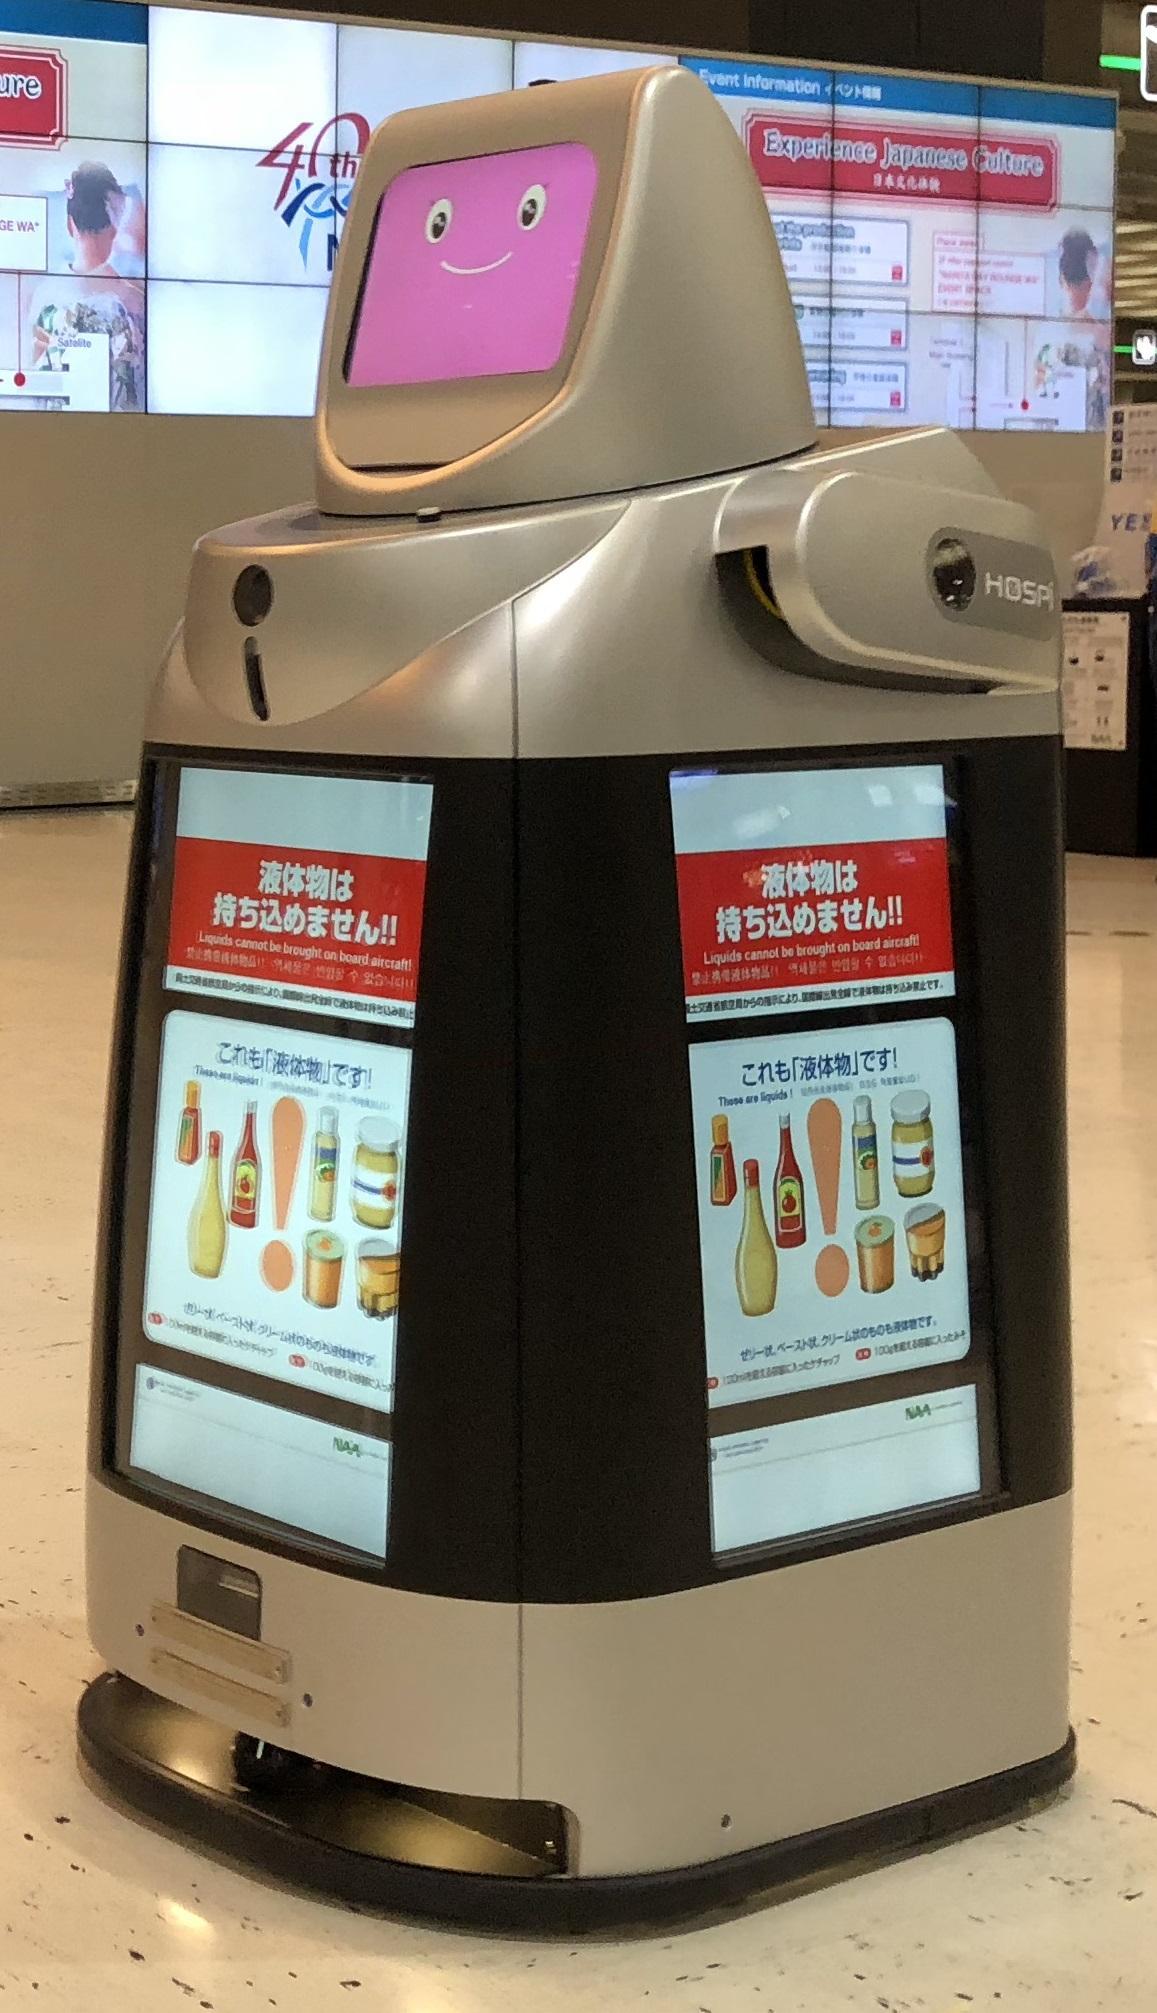 成田国際空港で自律走行サイネージロボット「Signage HOSPI」の実証実験を実施